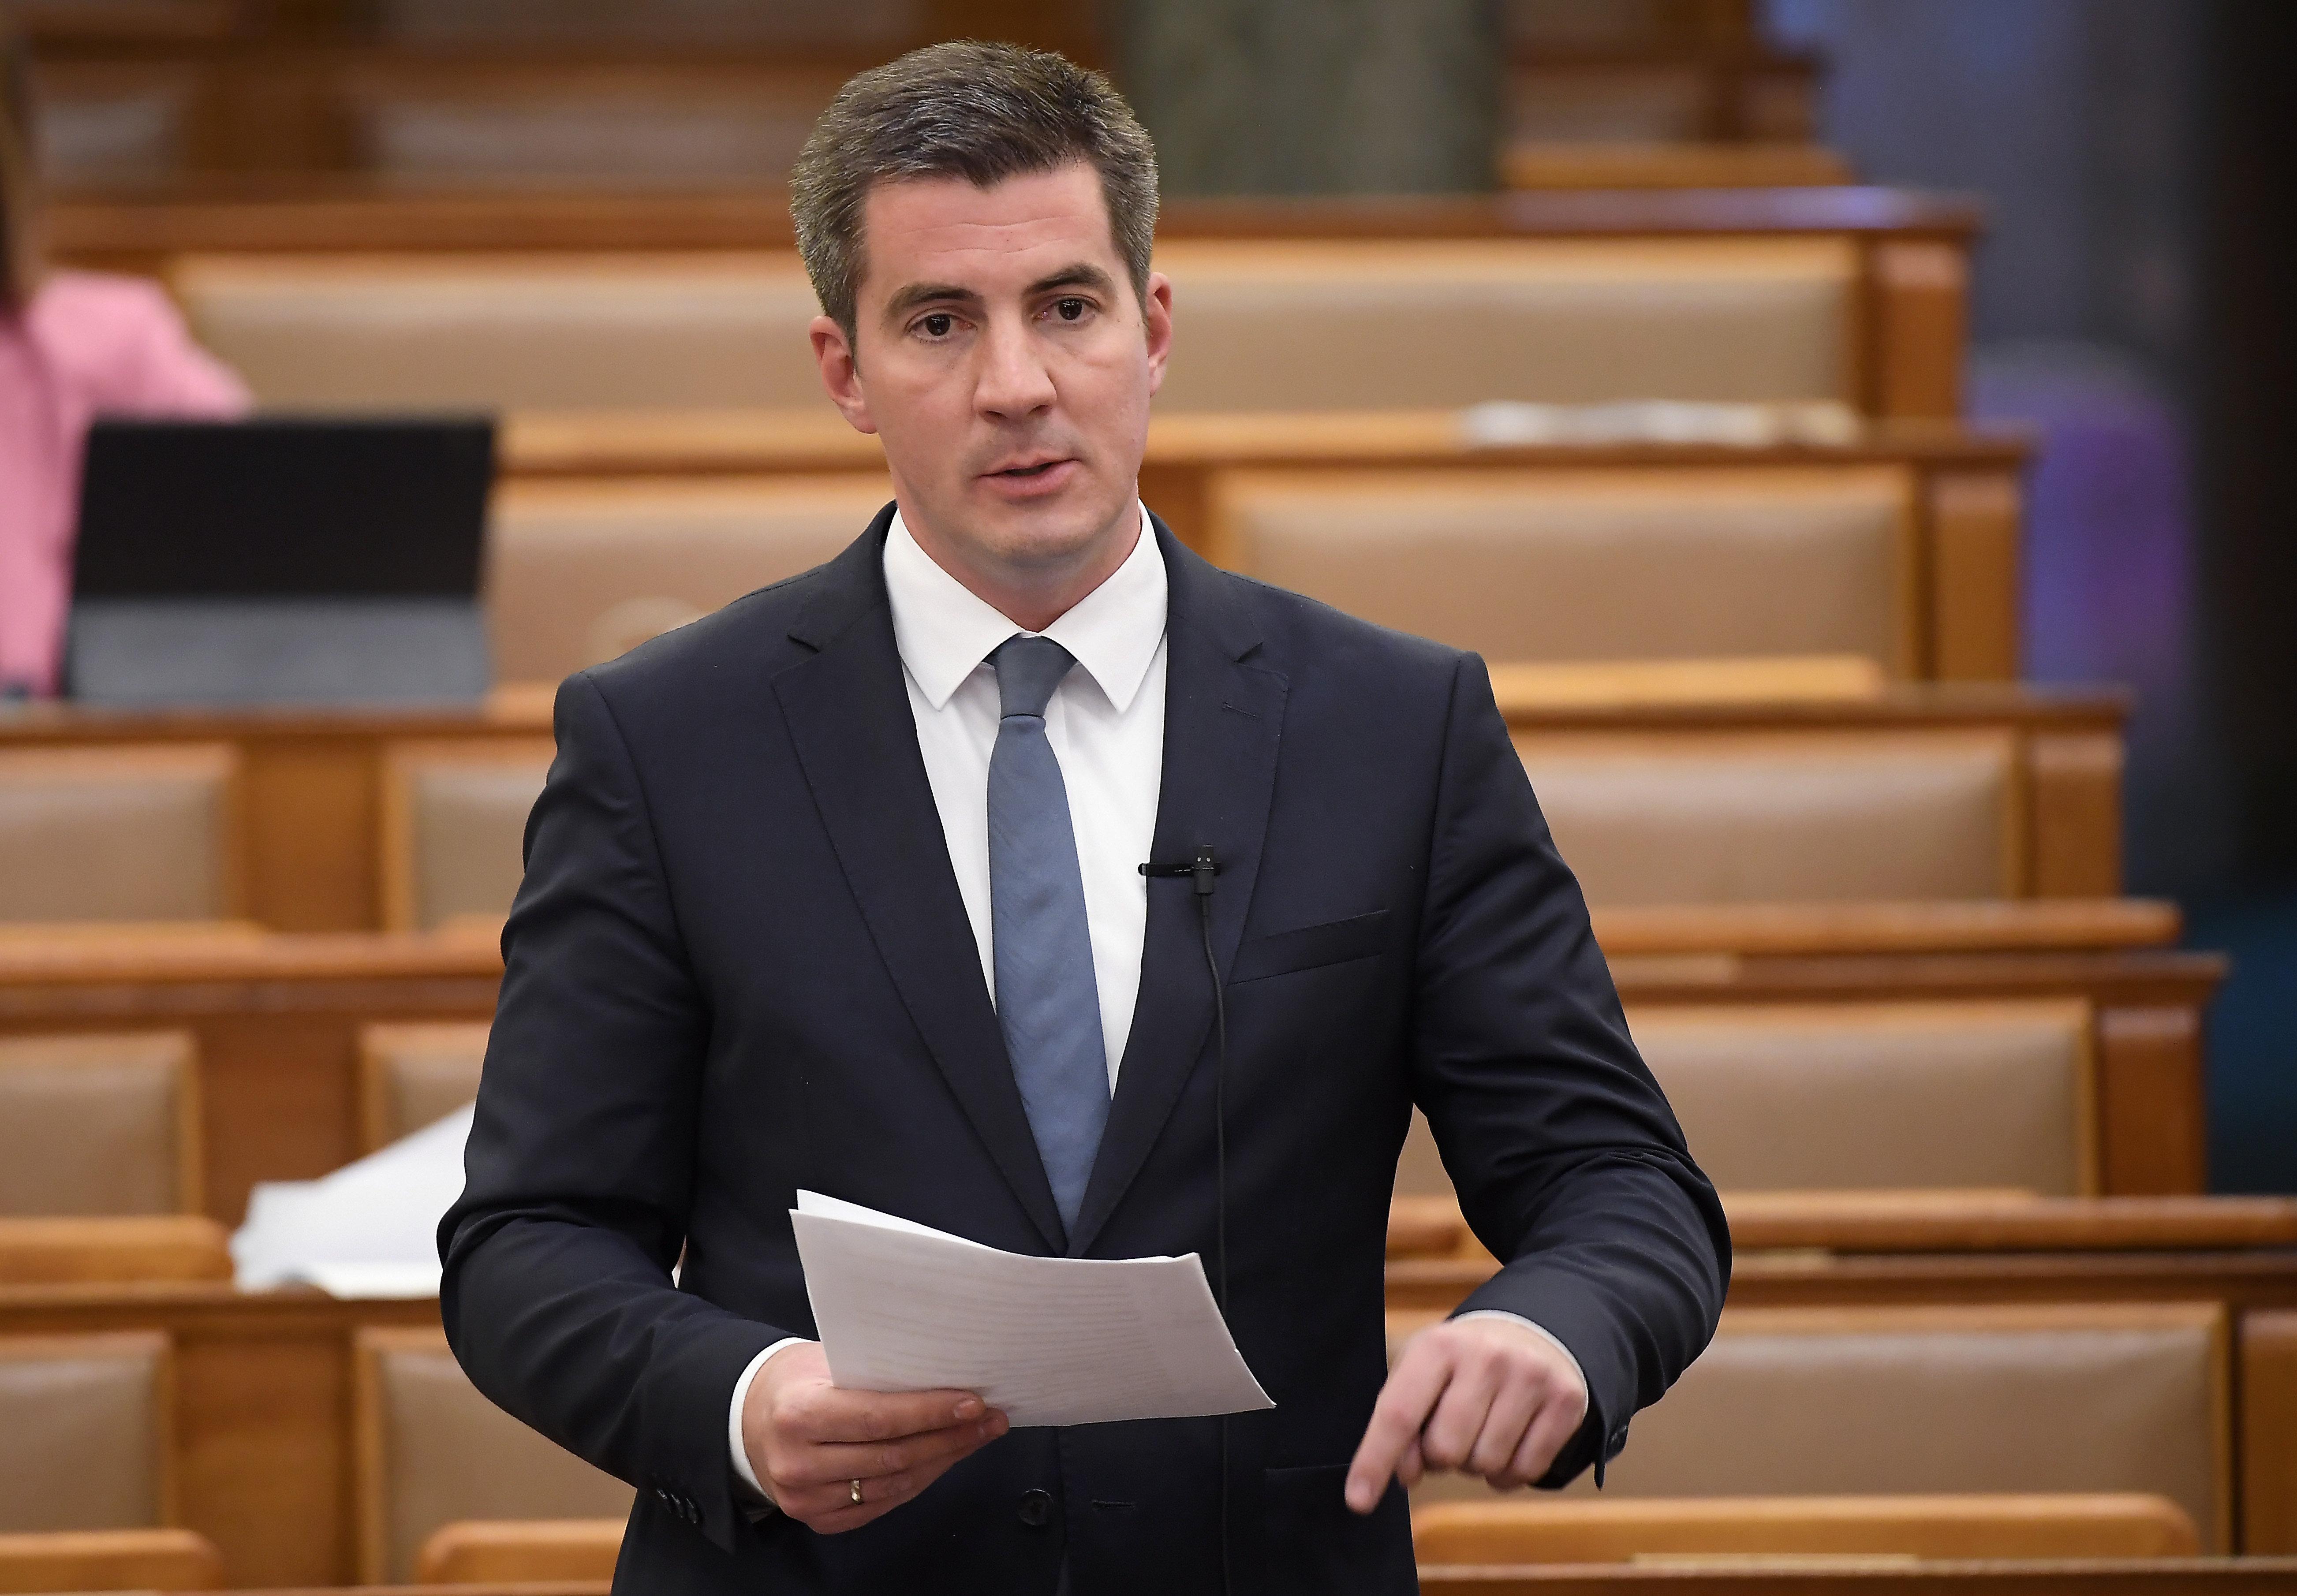 Kocsis Máté nem lesz egyéni képviselőjelölt 2022-ben